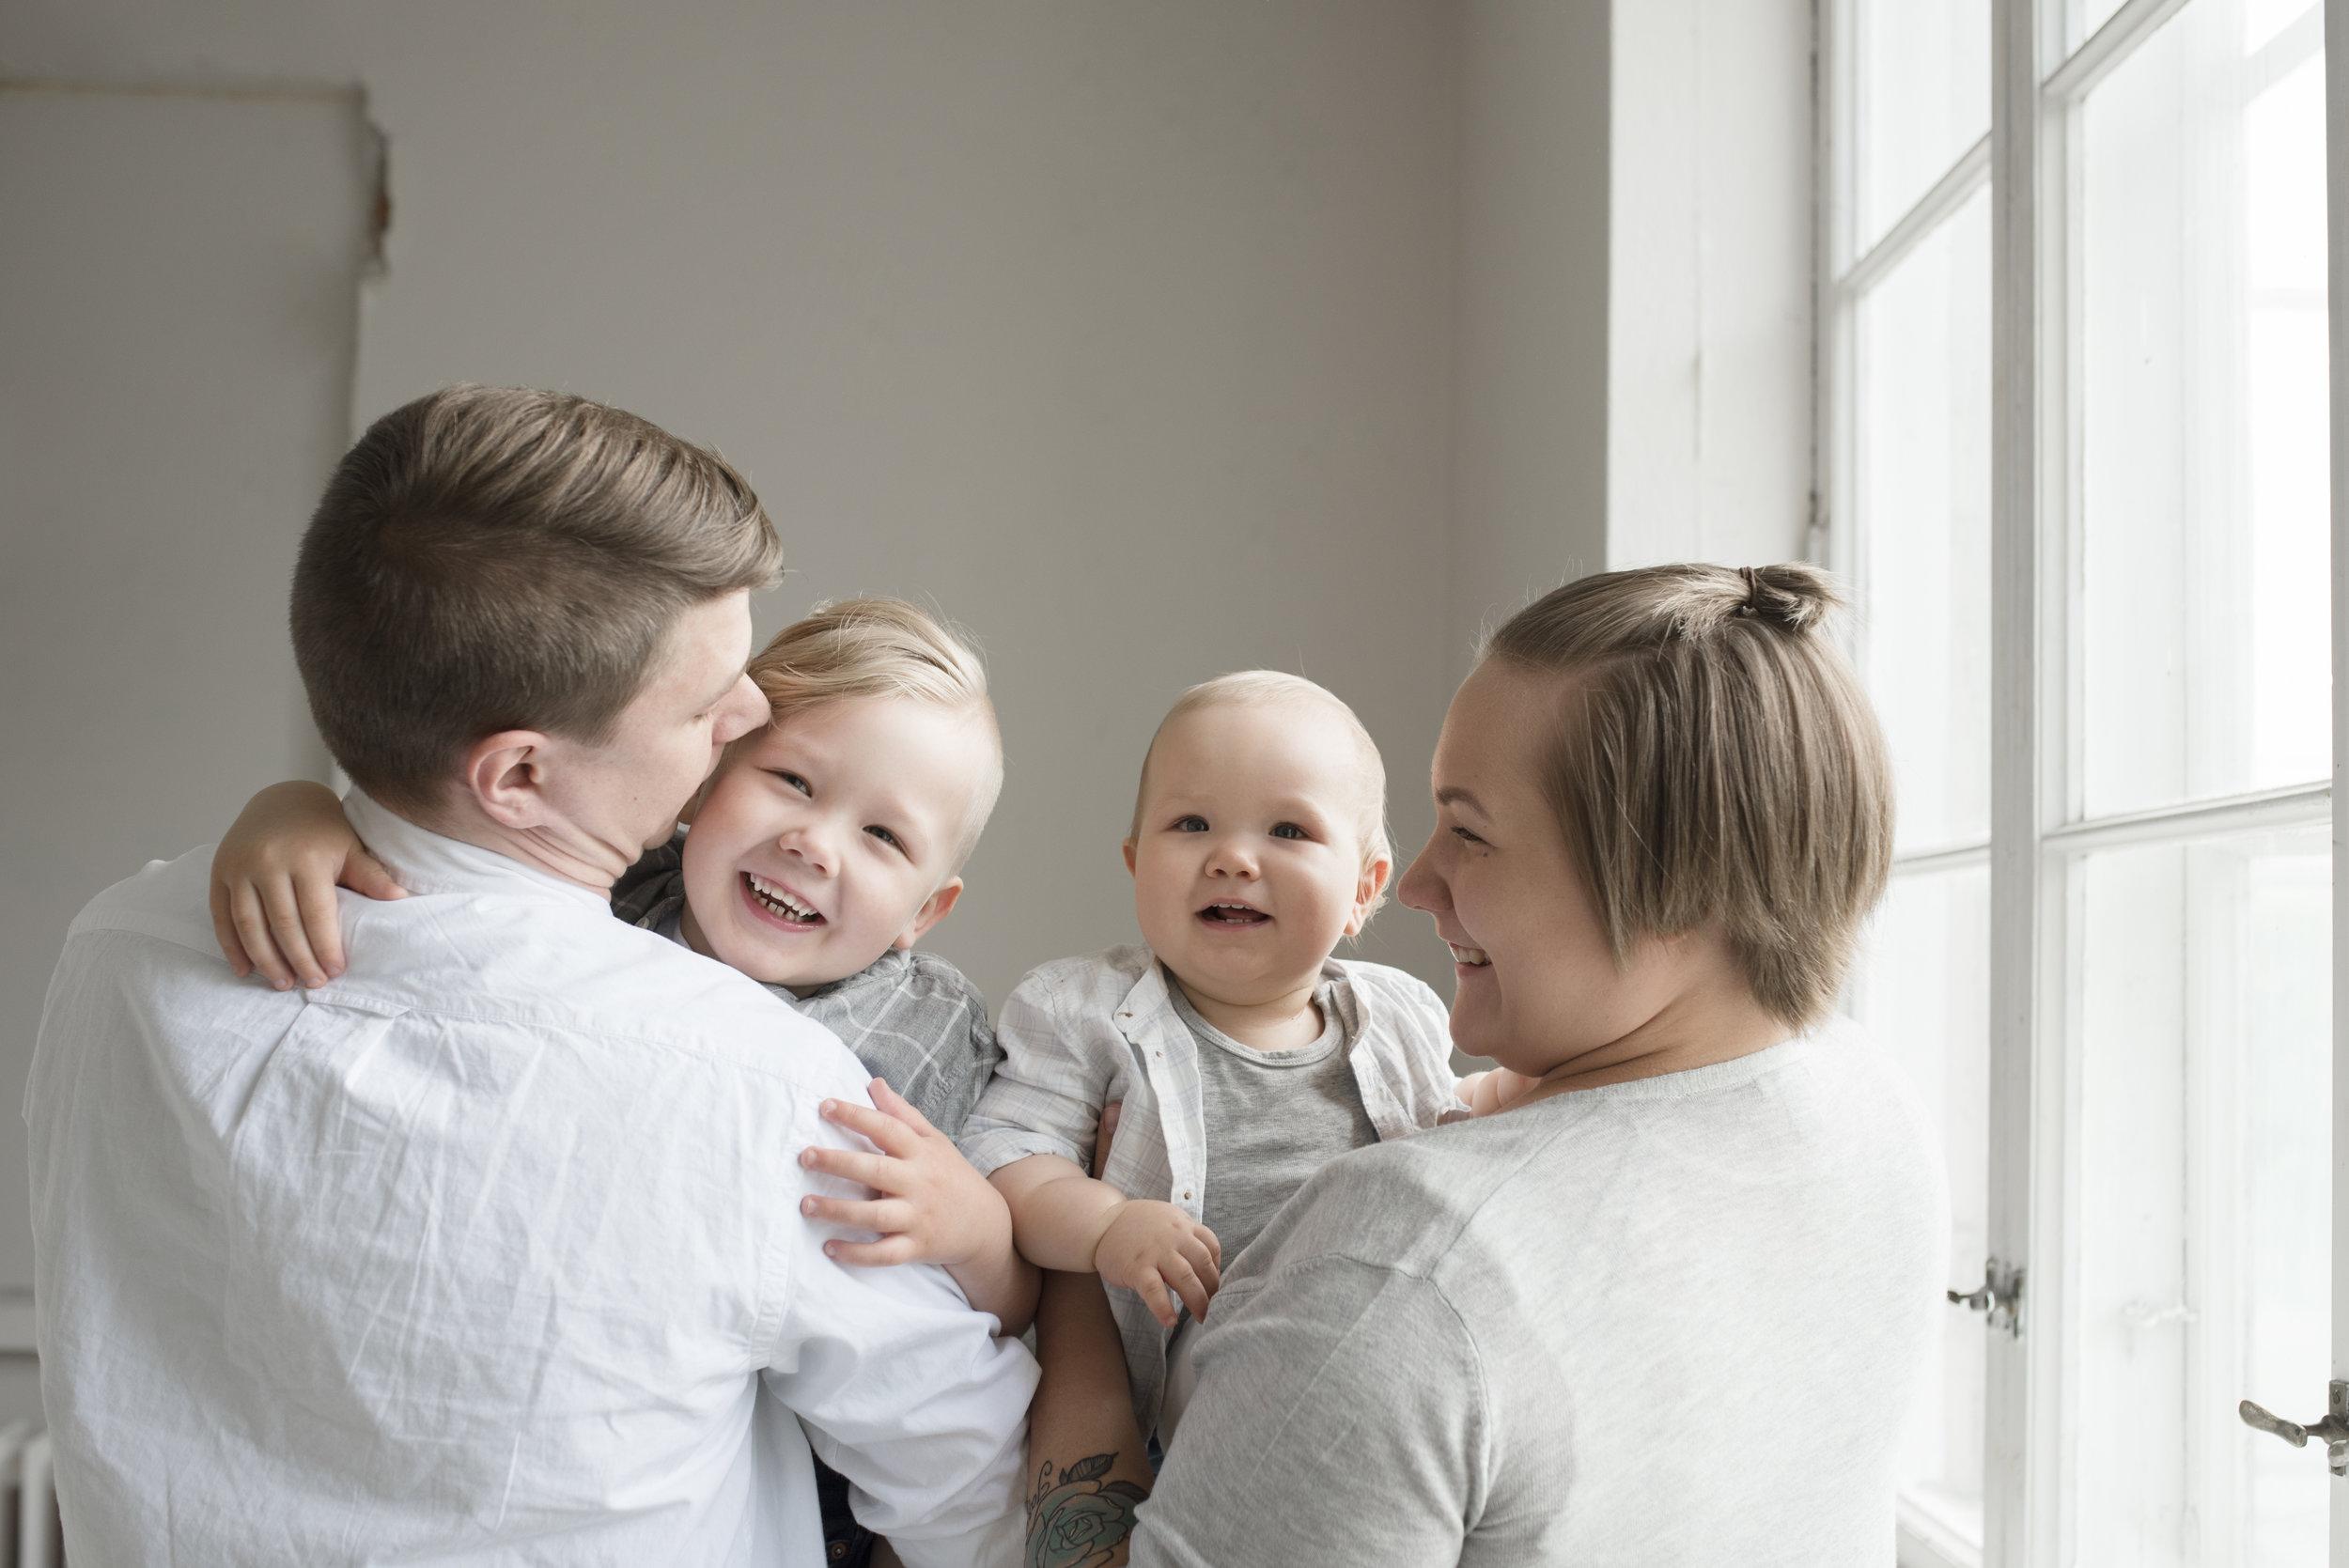 lapsikuvaus salla s photography hämeenlinna perhekuvaus valokuvaus valokuvaaja hattula